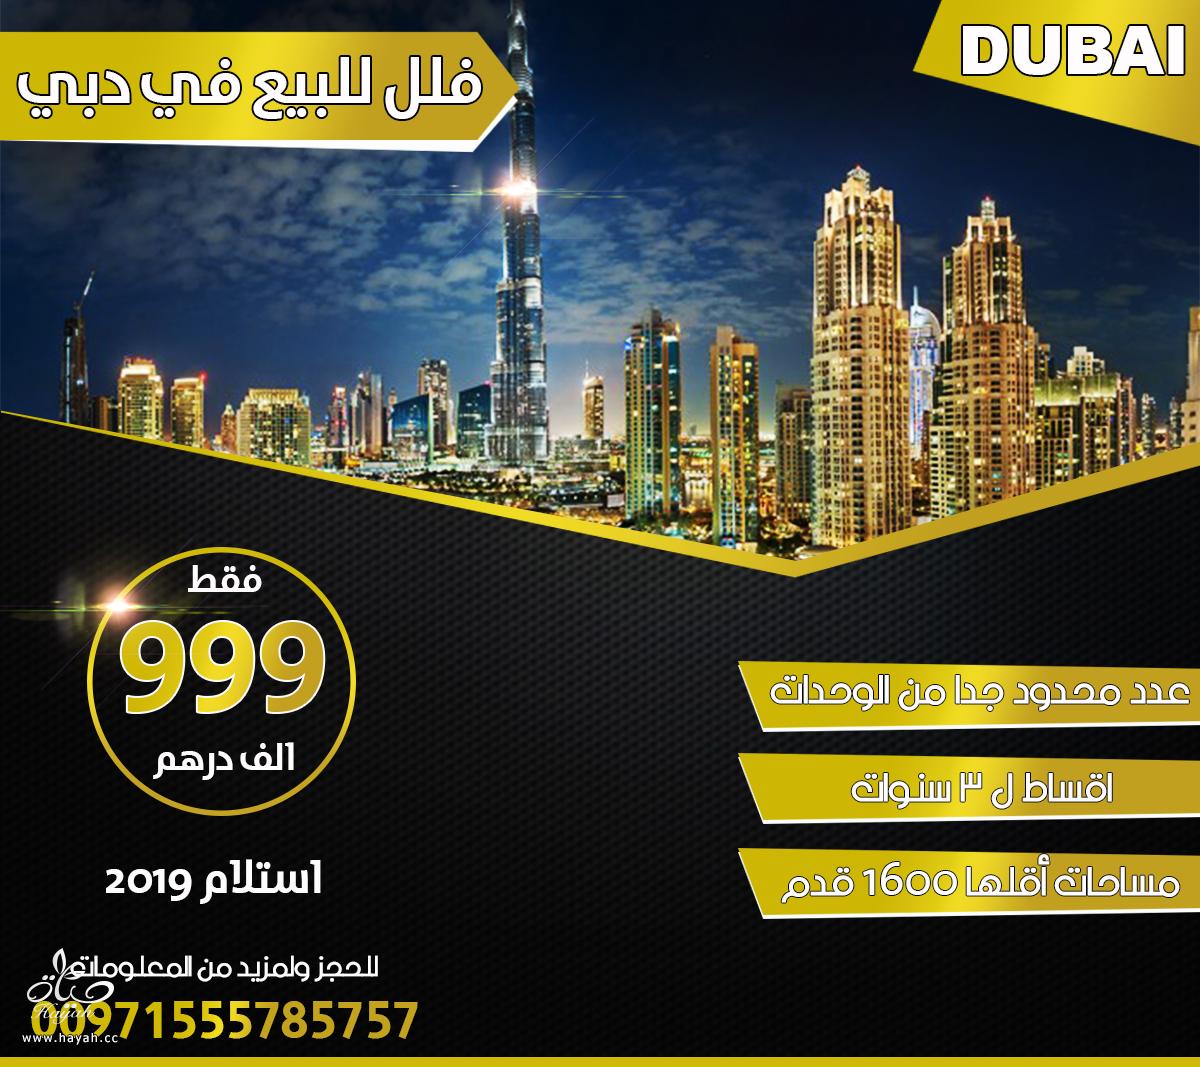 فلل في دبي بسعر مميز جدا hayahcc_1492730132_511.png